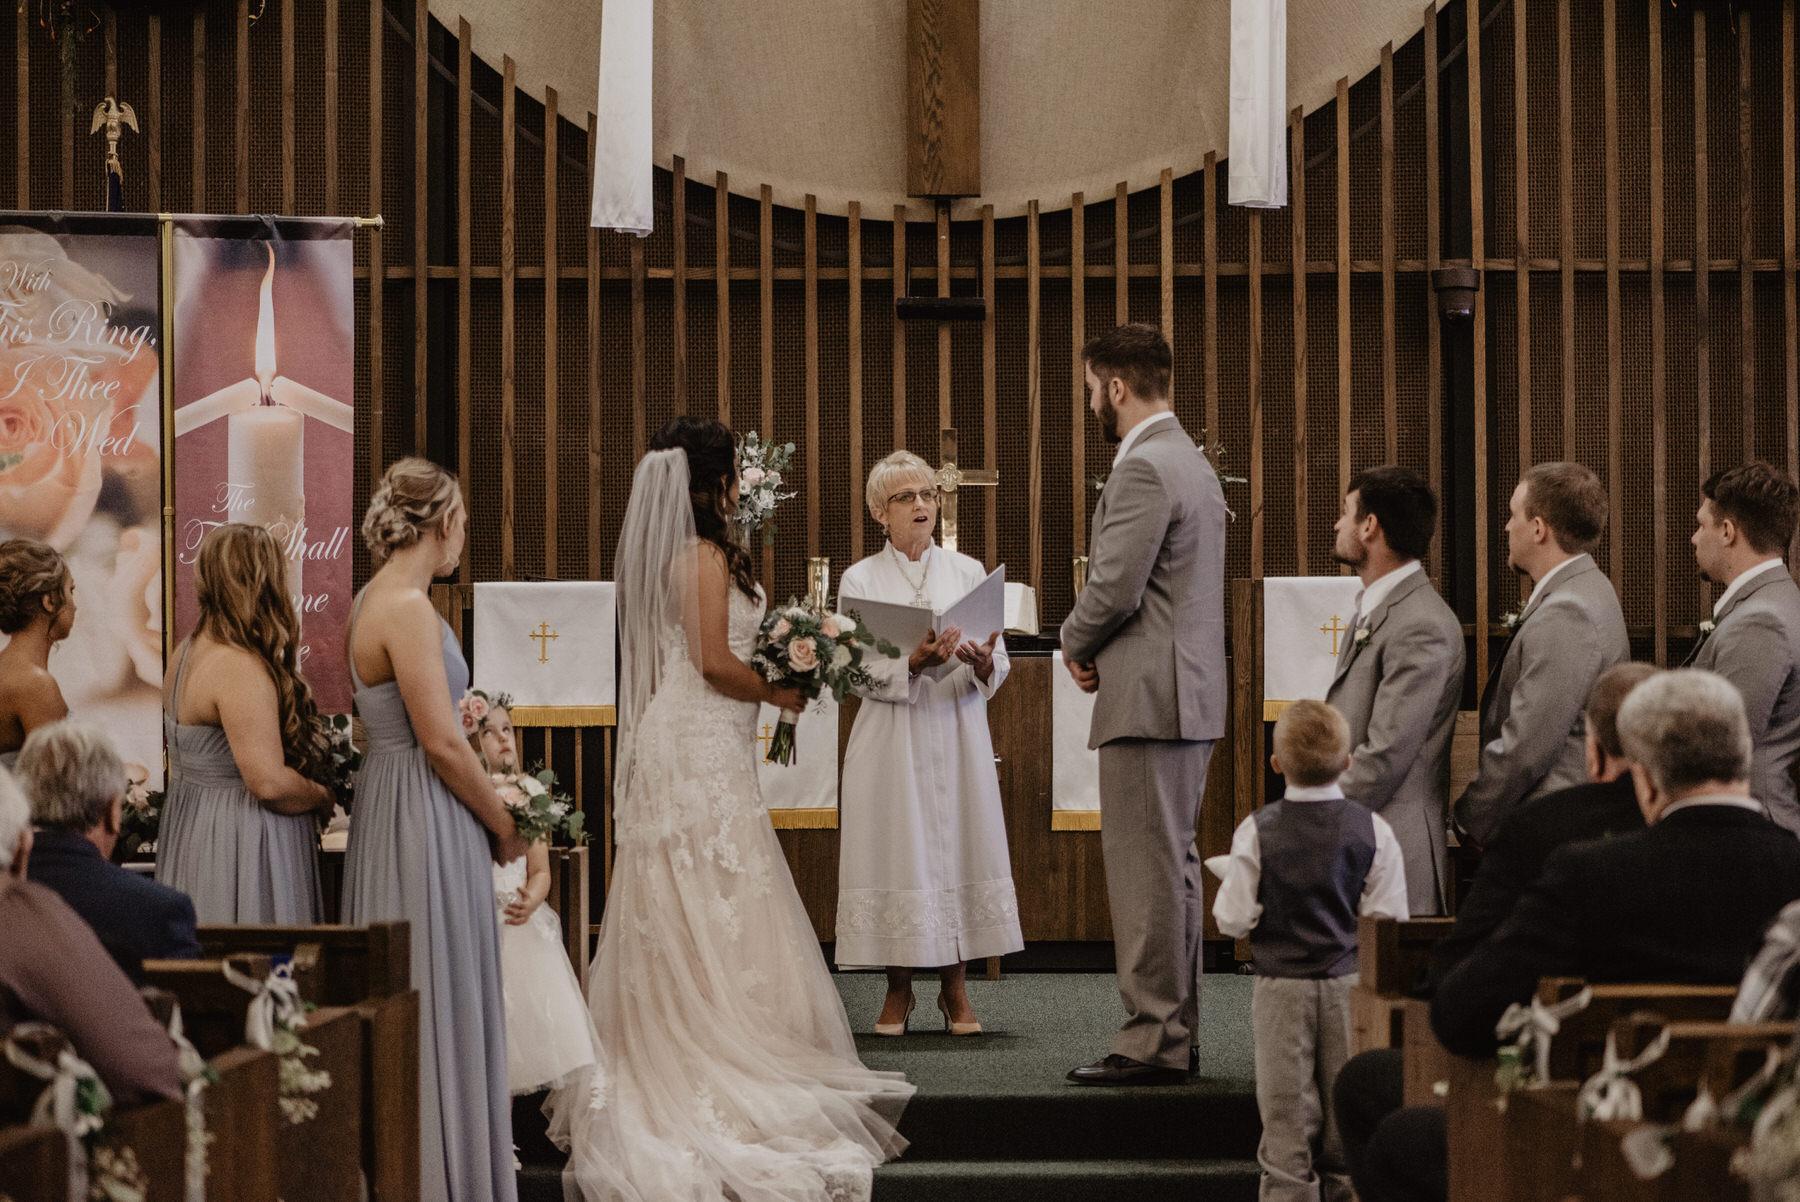 Kaylie-Sirek-Photography-Kearney-Nebraska-Wedding-052.jpg